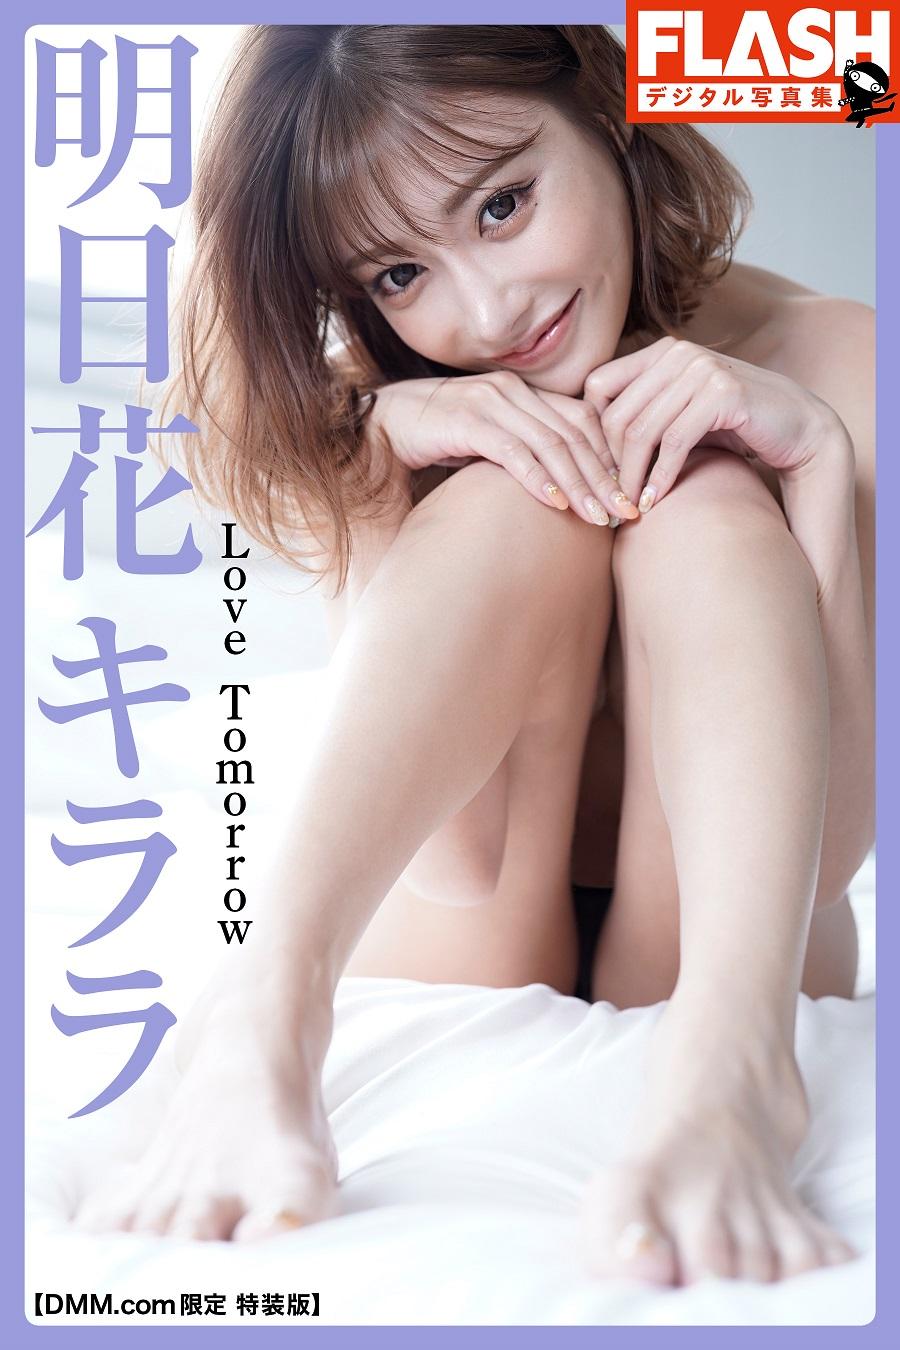 写真は、DMM電子書籍限定版 (C)光文社/週刊『FLASH』 写真◎佐藤佑一